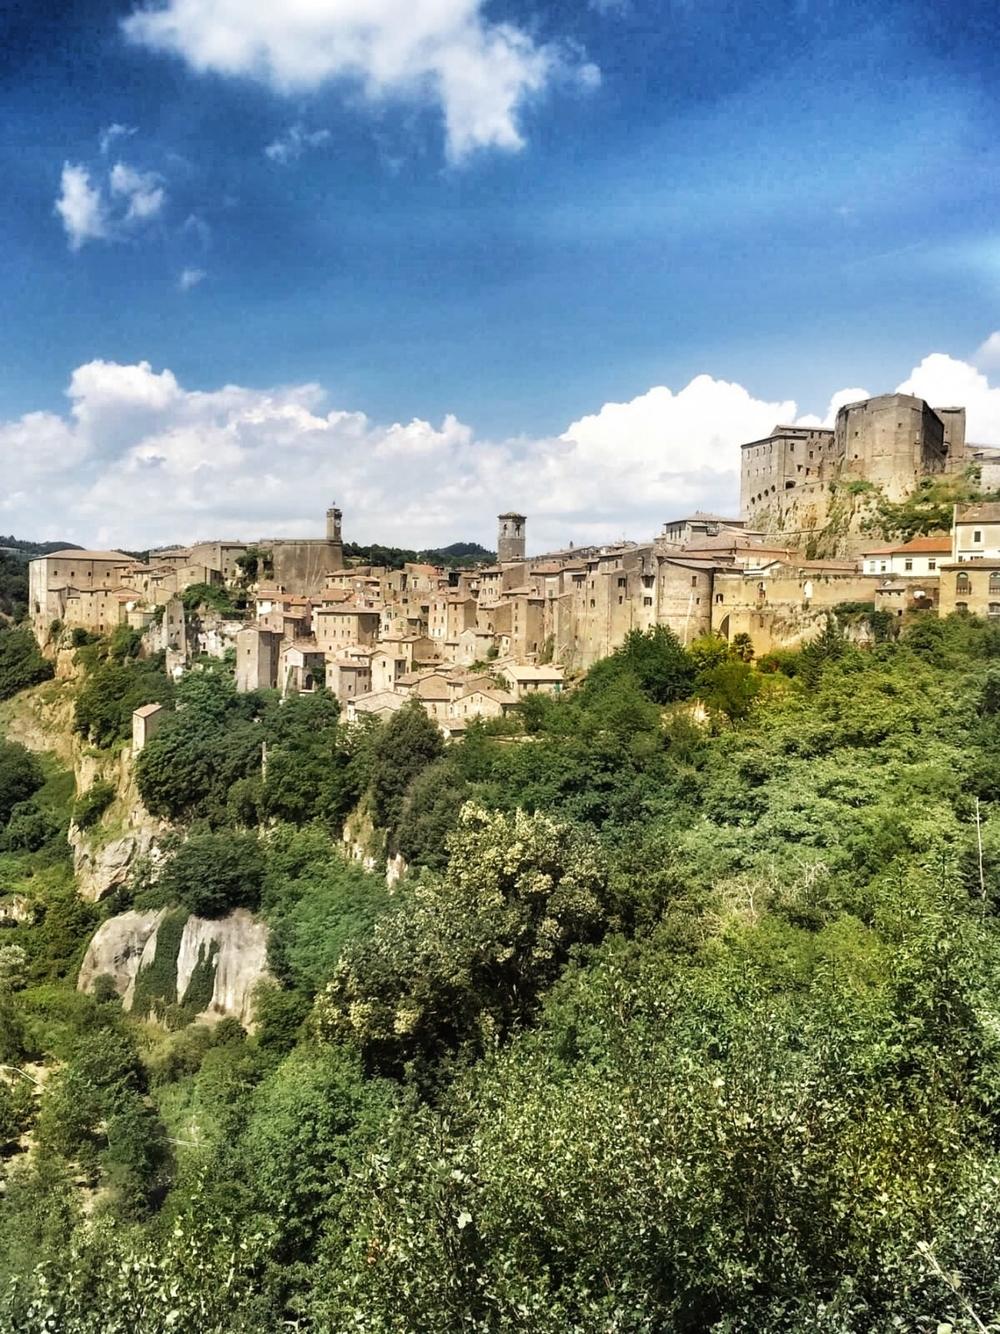 Tufa town Sorano, Maremma, Tuscany